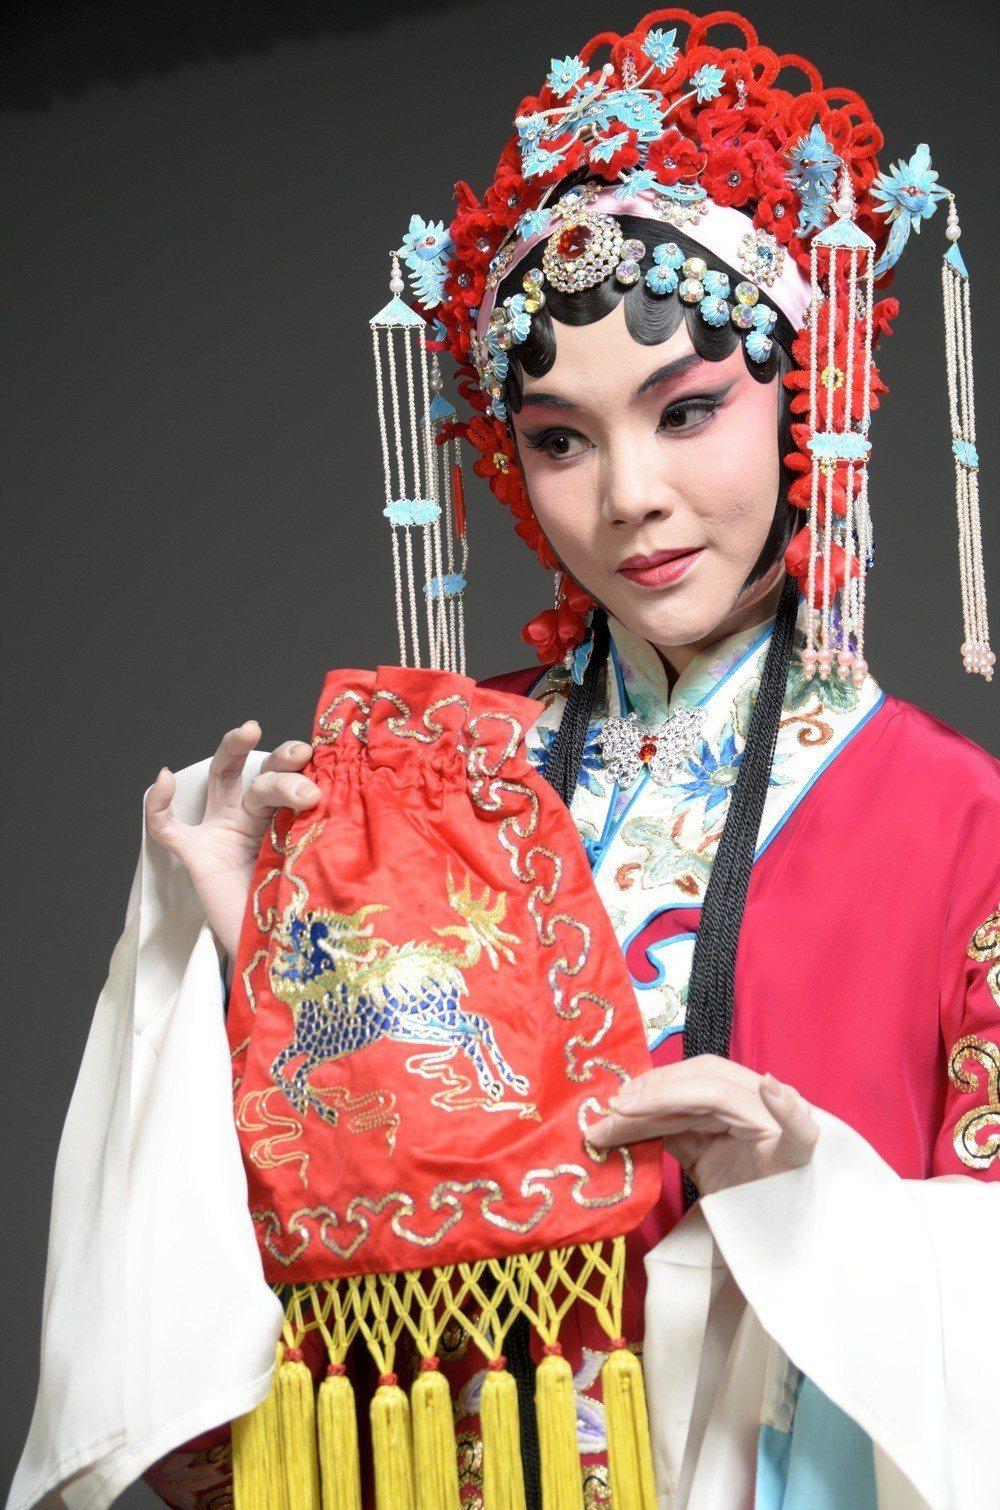 程派名劇「鎖麟囊」,在中國大陸因貧家女接受富家女餽贈,犯了大陸的「階級調和論」而...